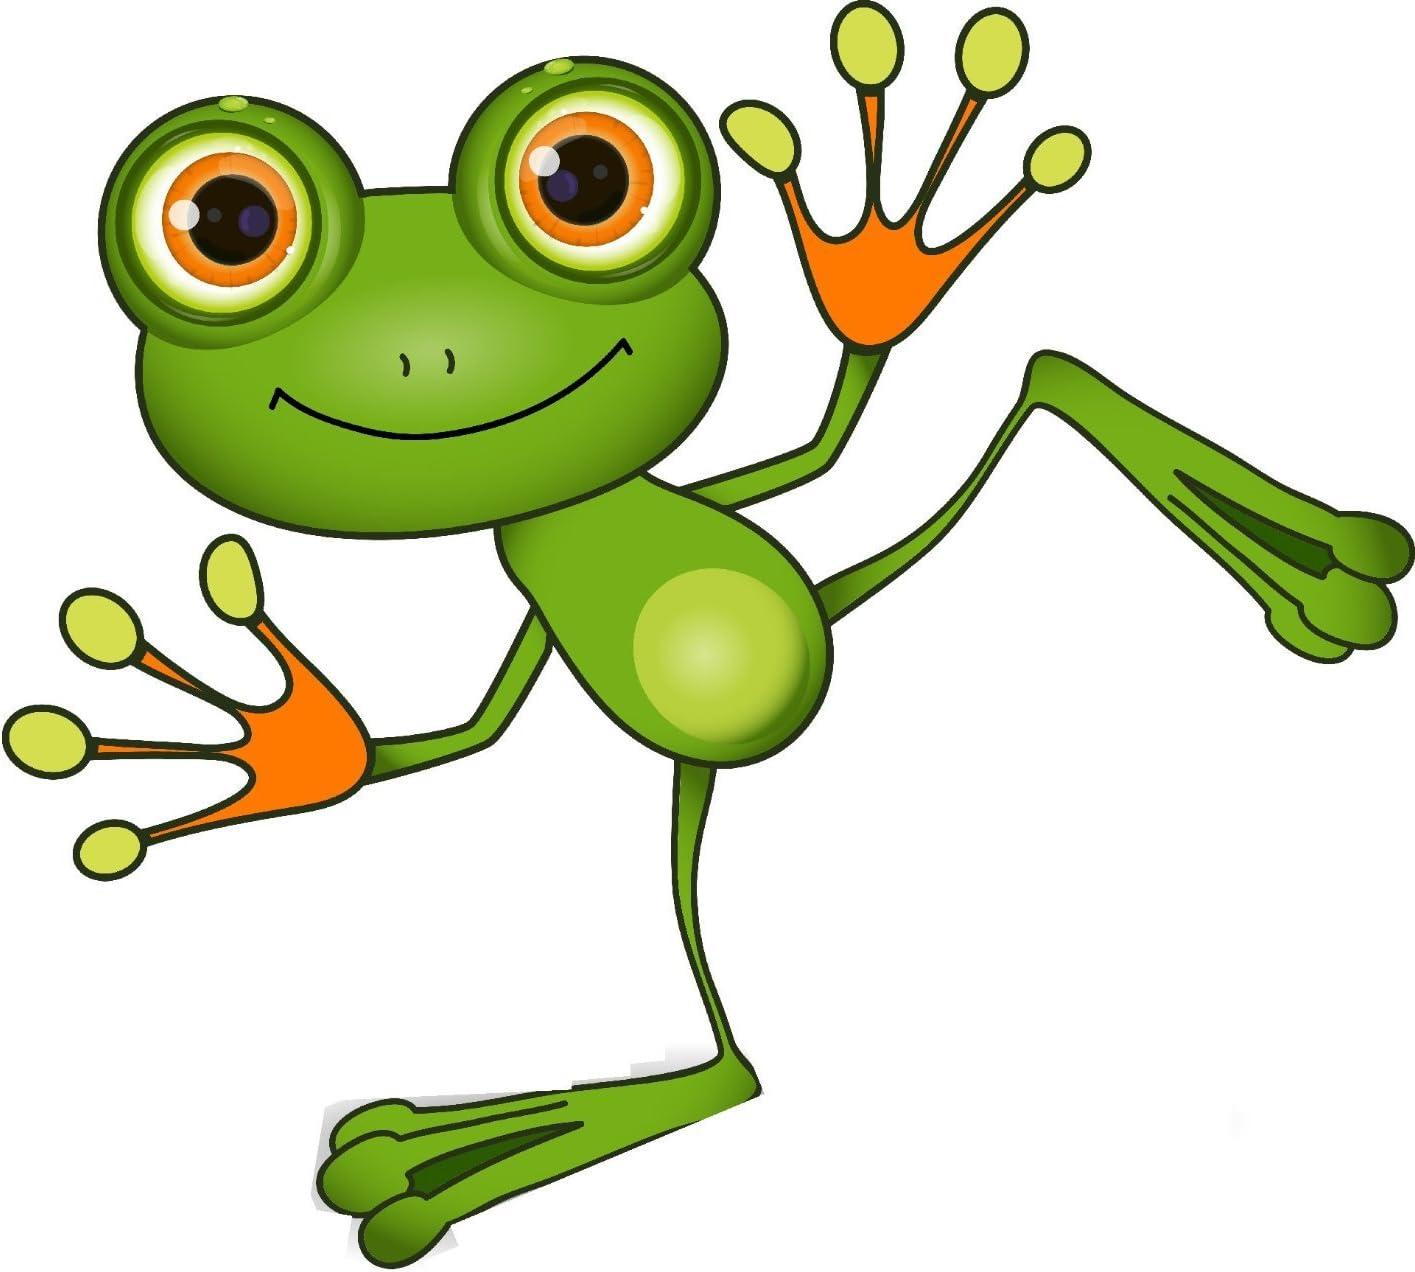 Michael Rene Pflüger Barmstedt Premium Aufkleber 16 5x15 Cm Lustiger Tanzender Frosch Frog Funny Cool Sticker Auto Motorrad Bike Autoaufkleber Auto